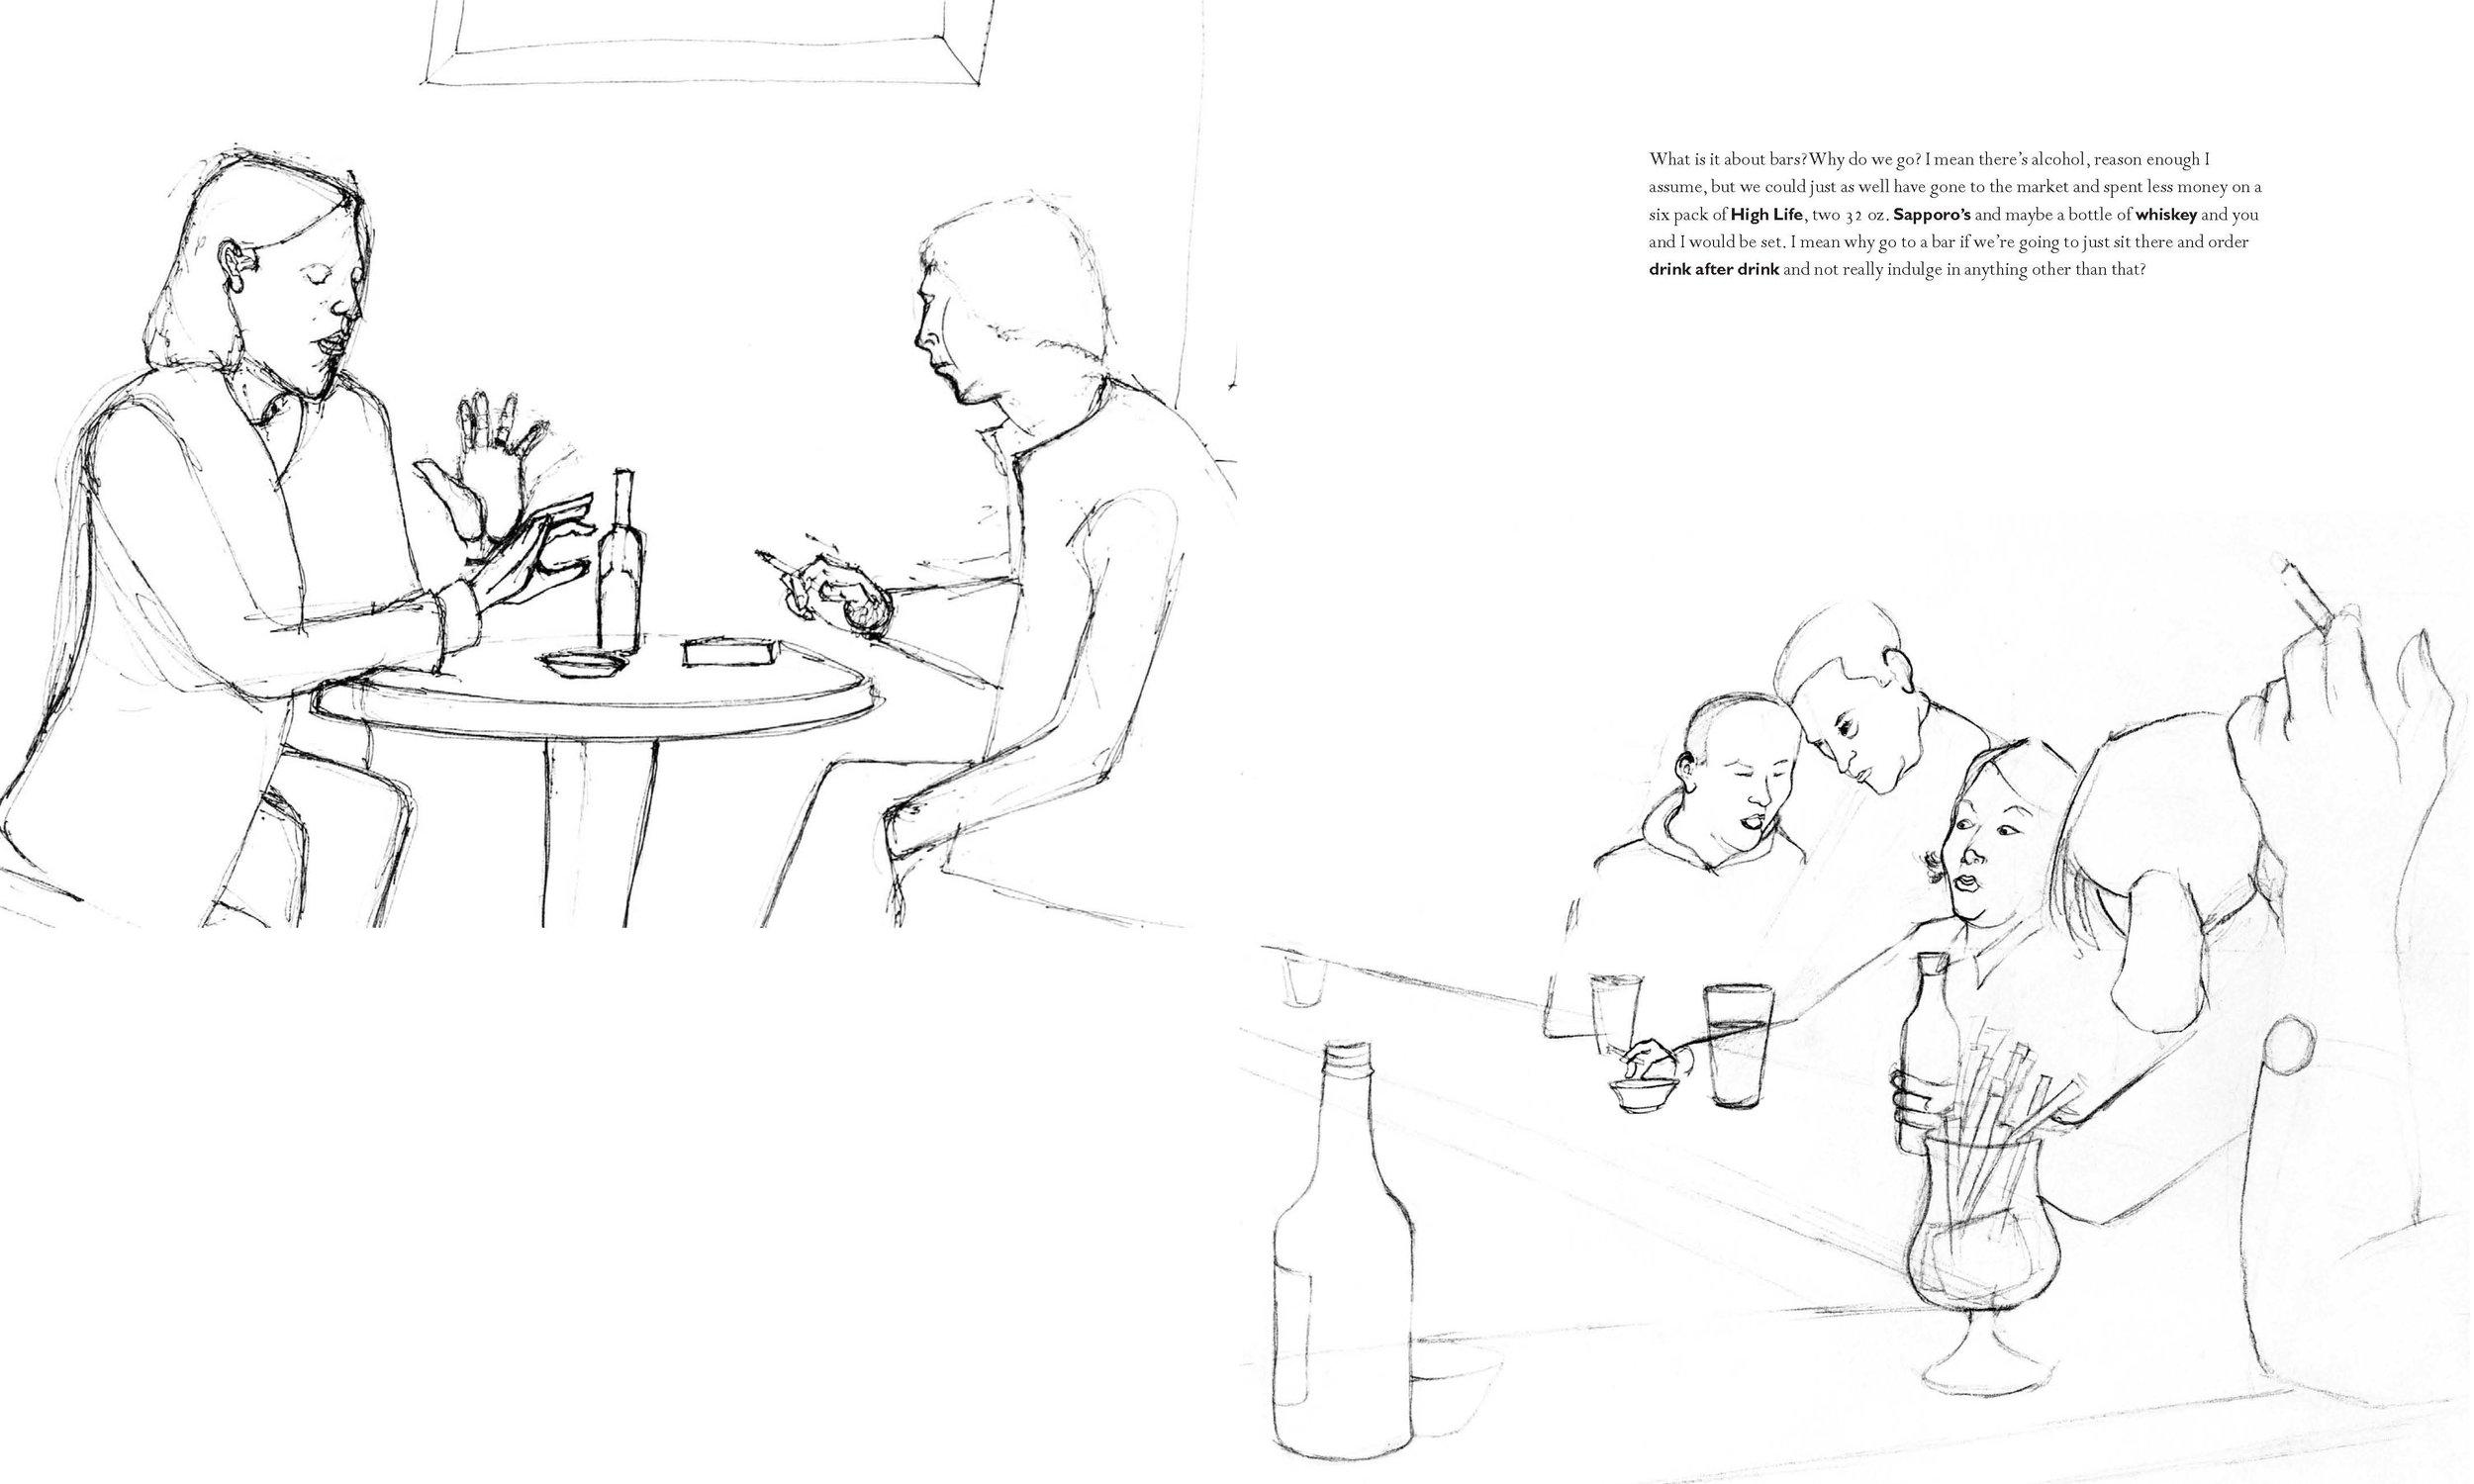 thesisbookfinal2_Page_17.jpg